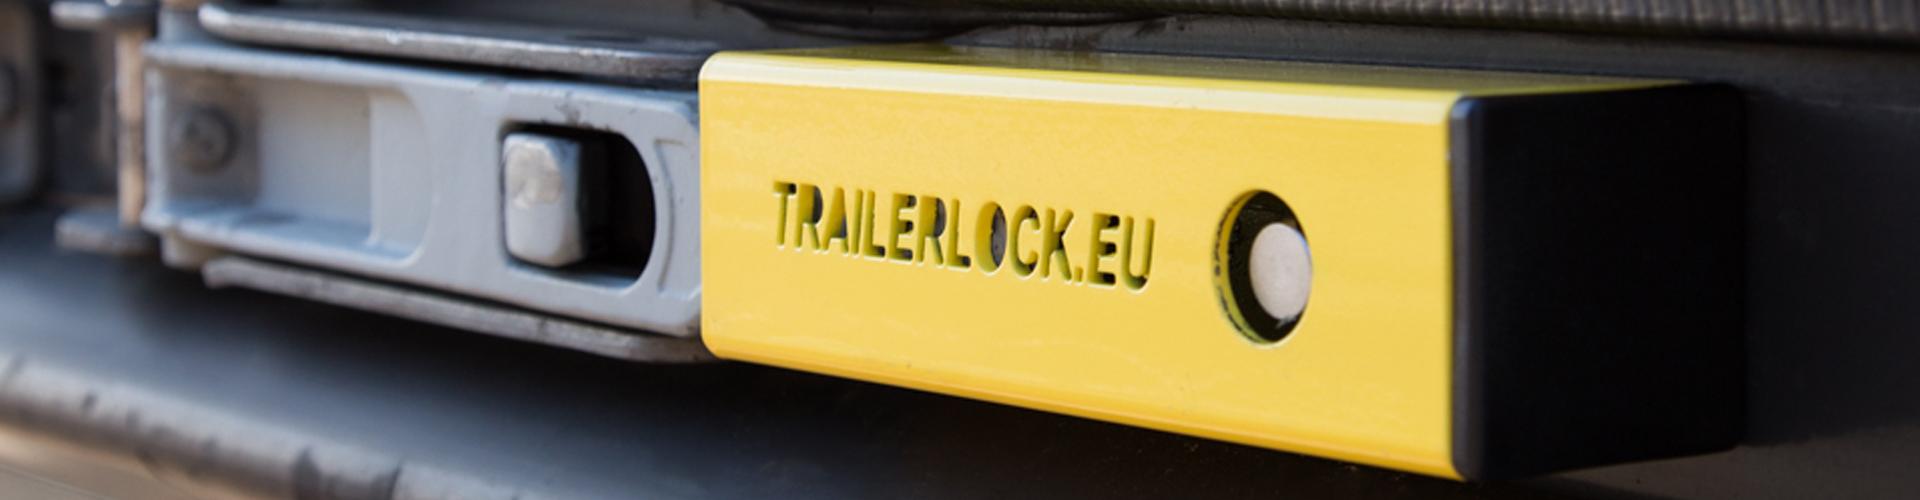 Trailerlock